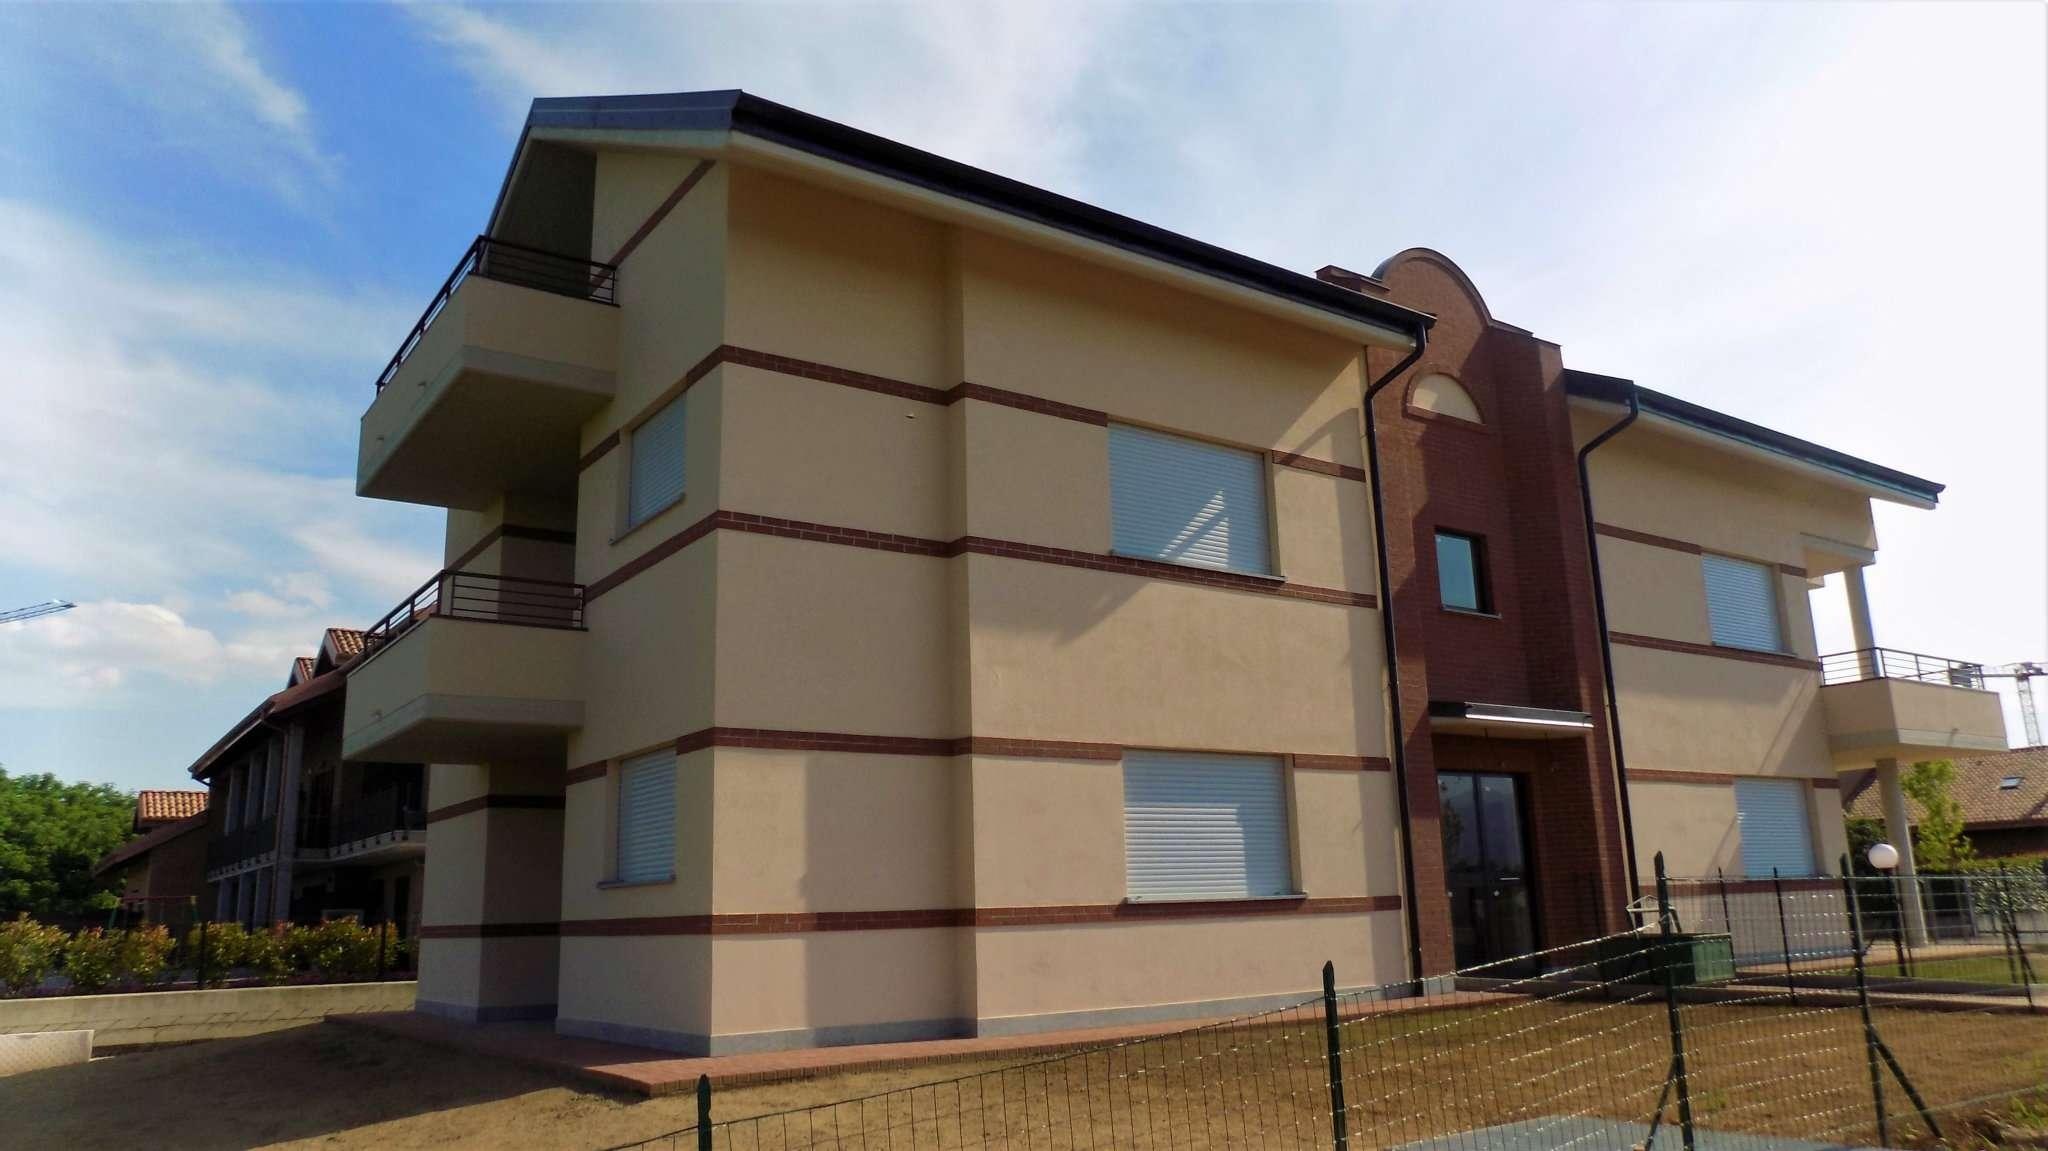 Foto 1 di Appartamento via aldo moro, Pianezza